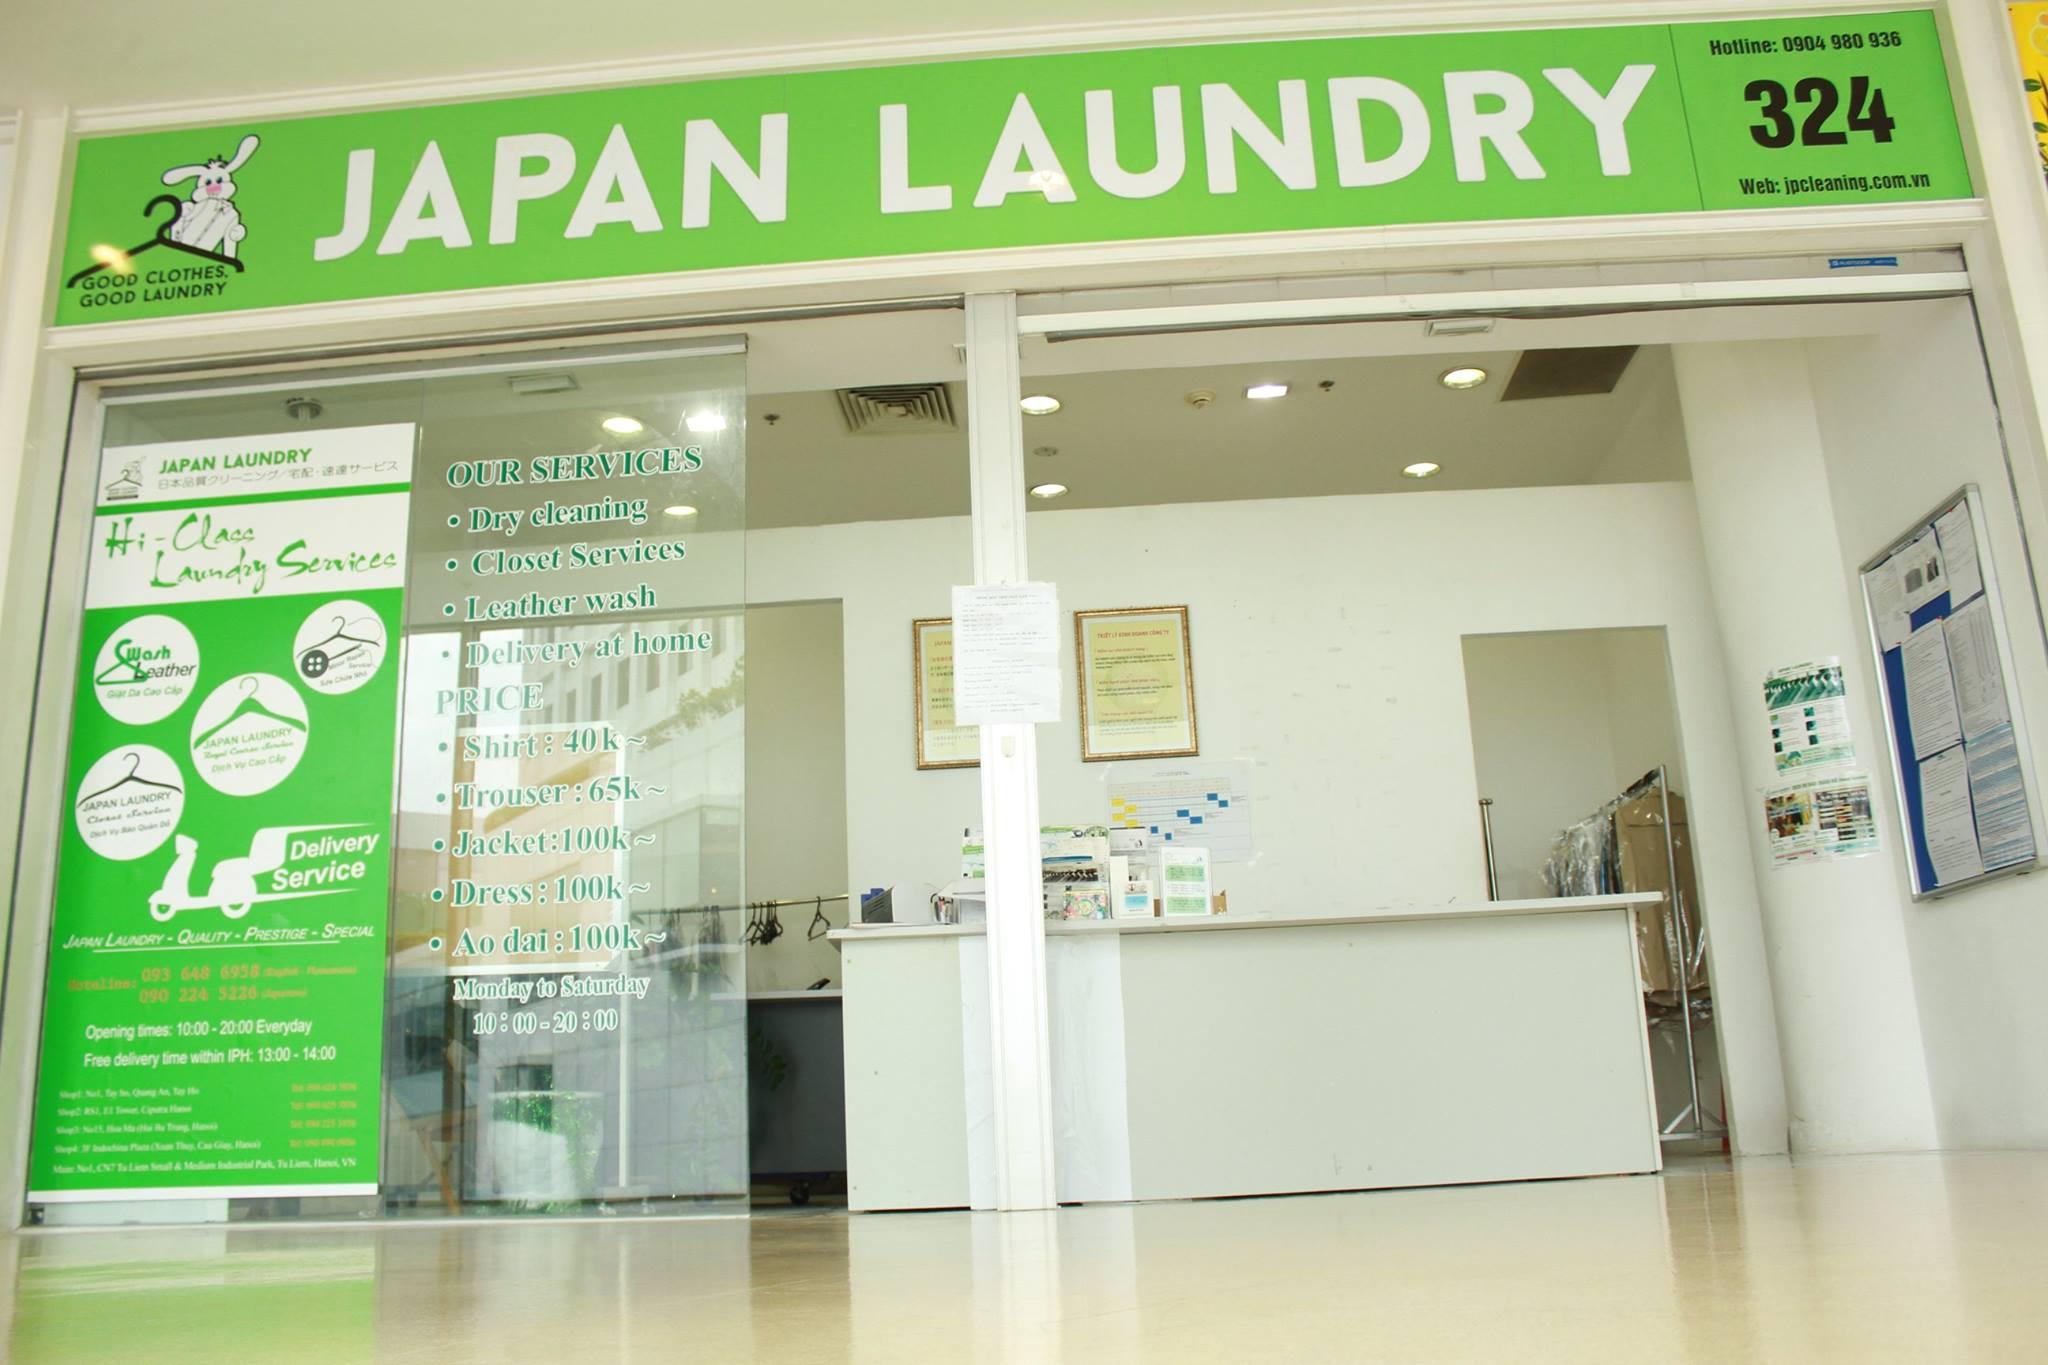 Giặt là tại Hà Nội - Lựa chọn cơ sở uy tín là điều quan trọng nhất